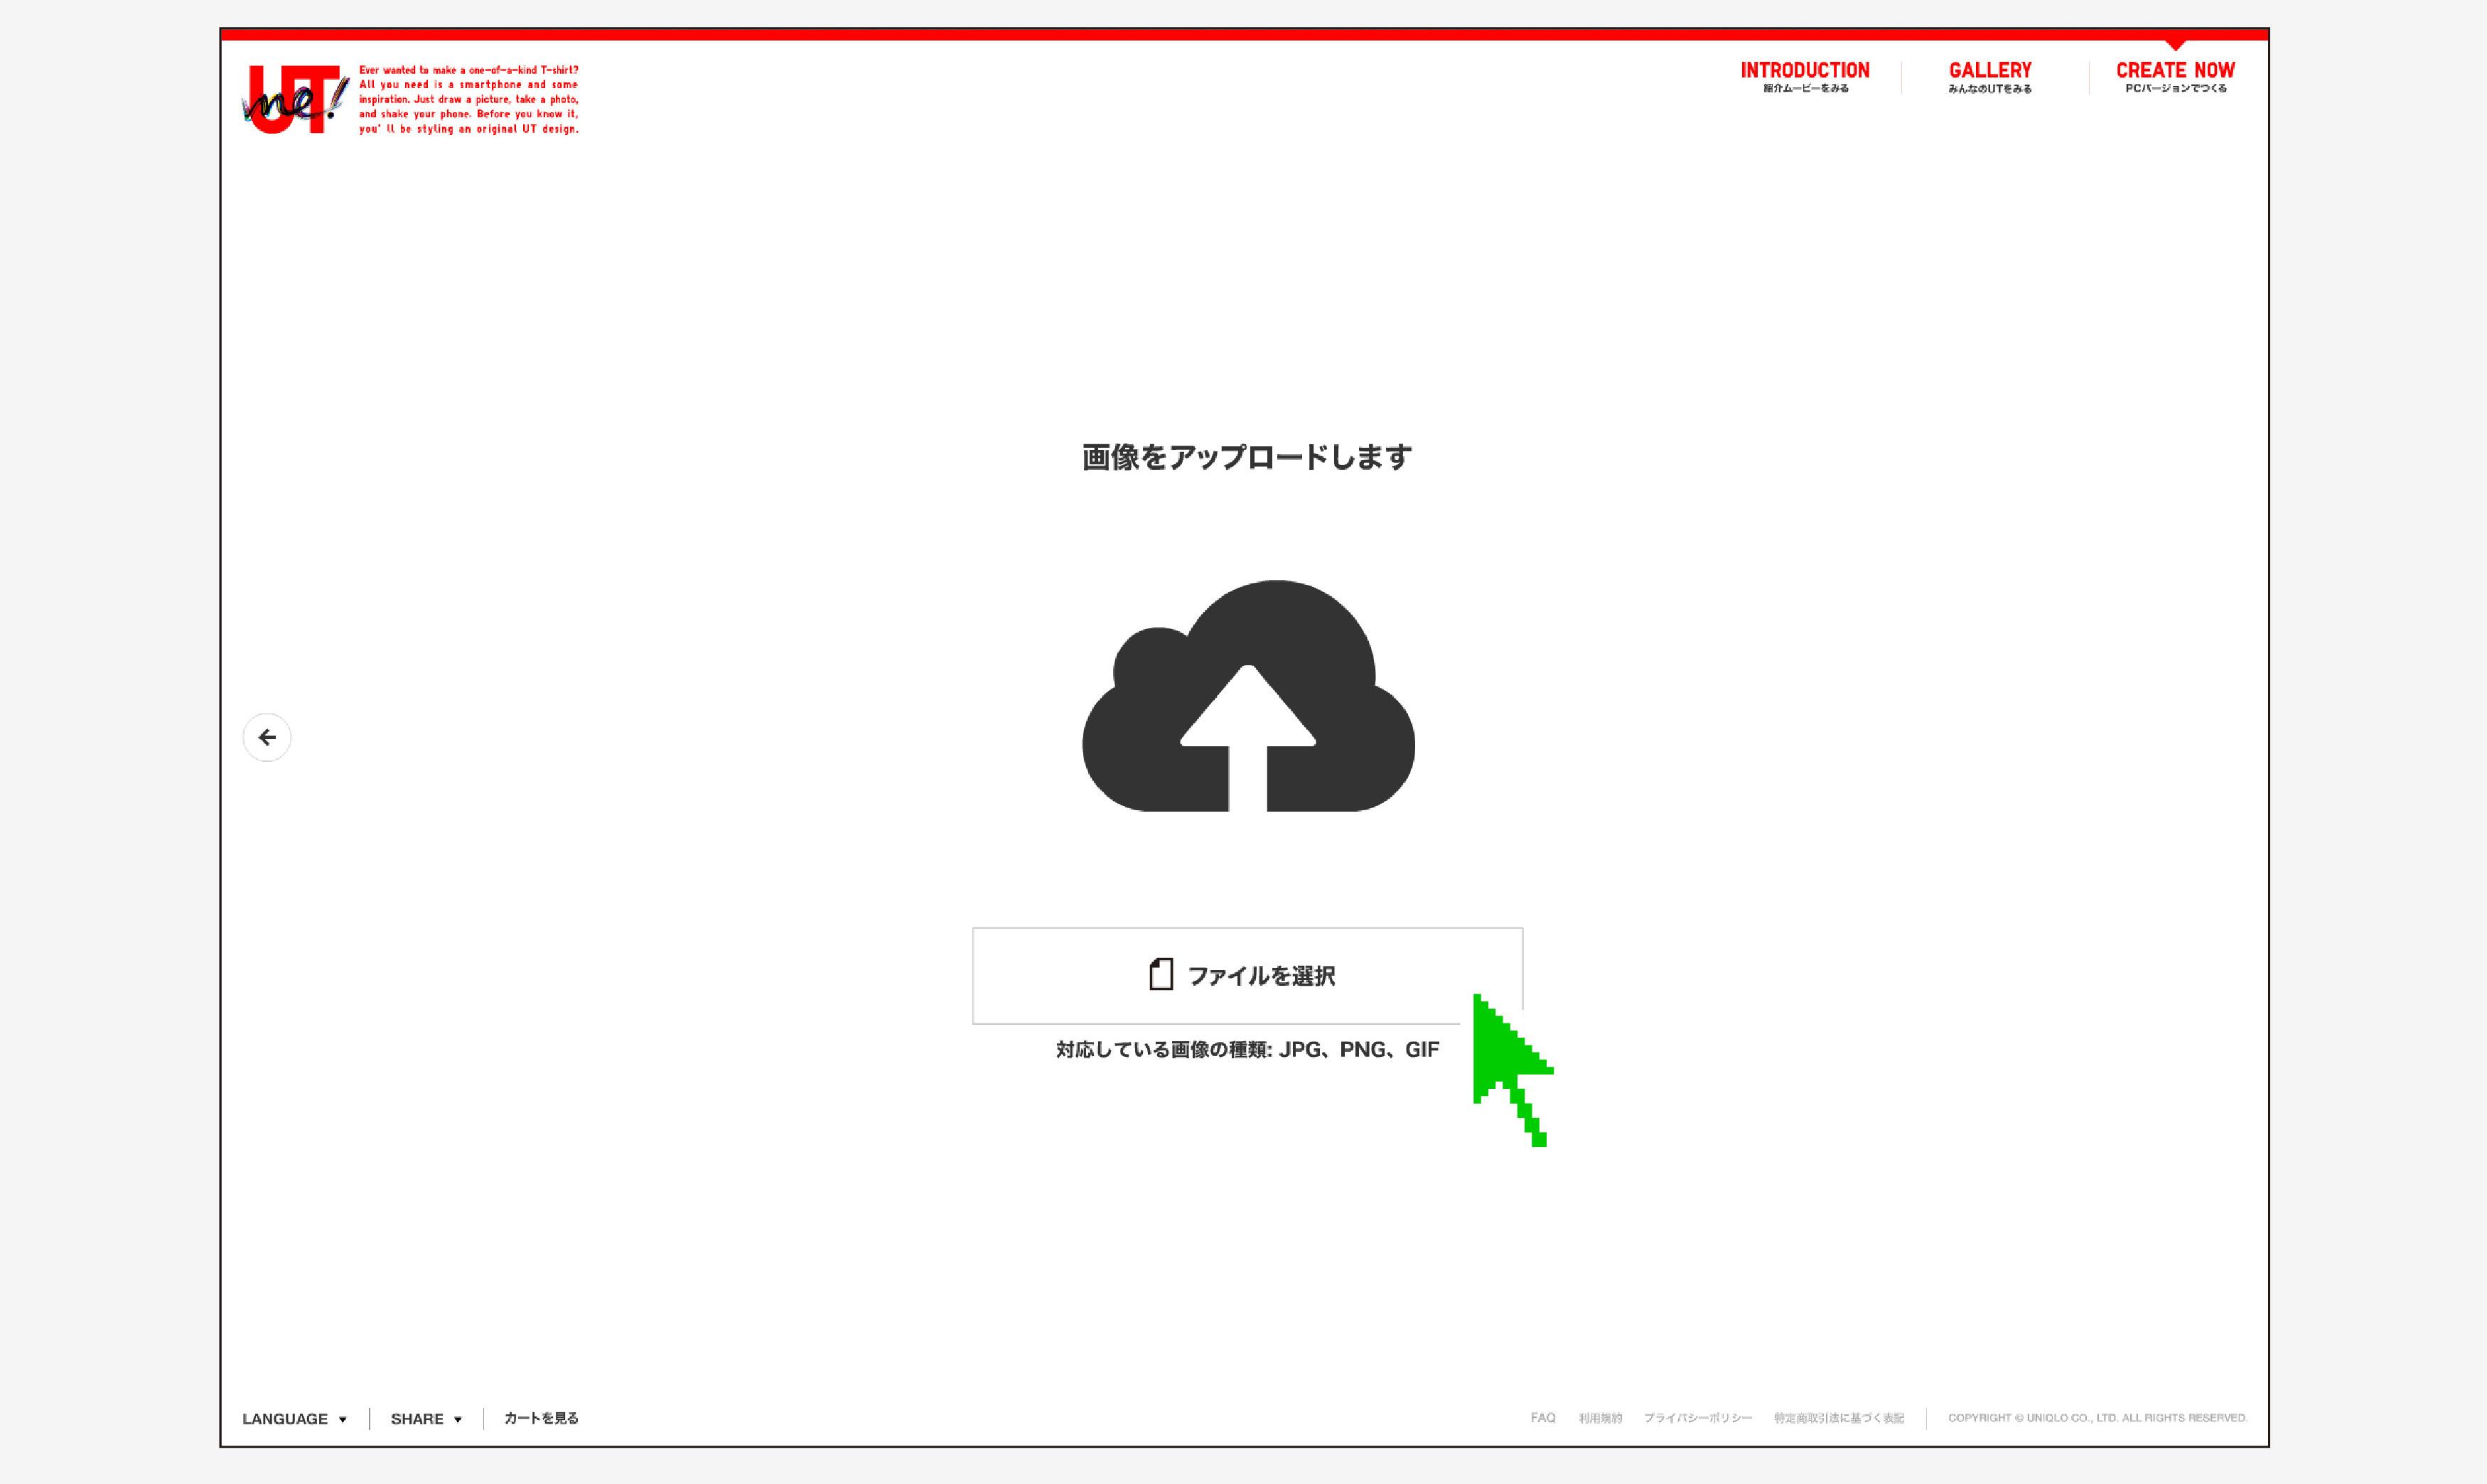 utme_guide3.jpg